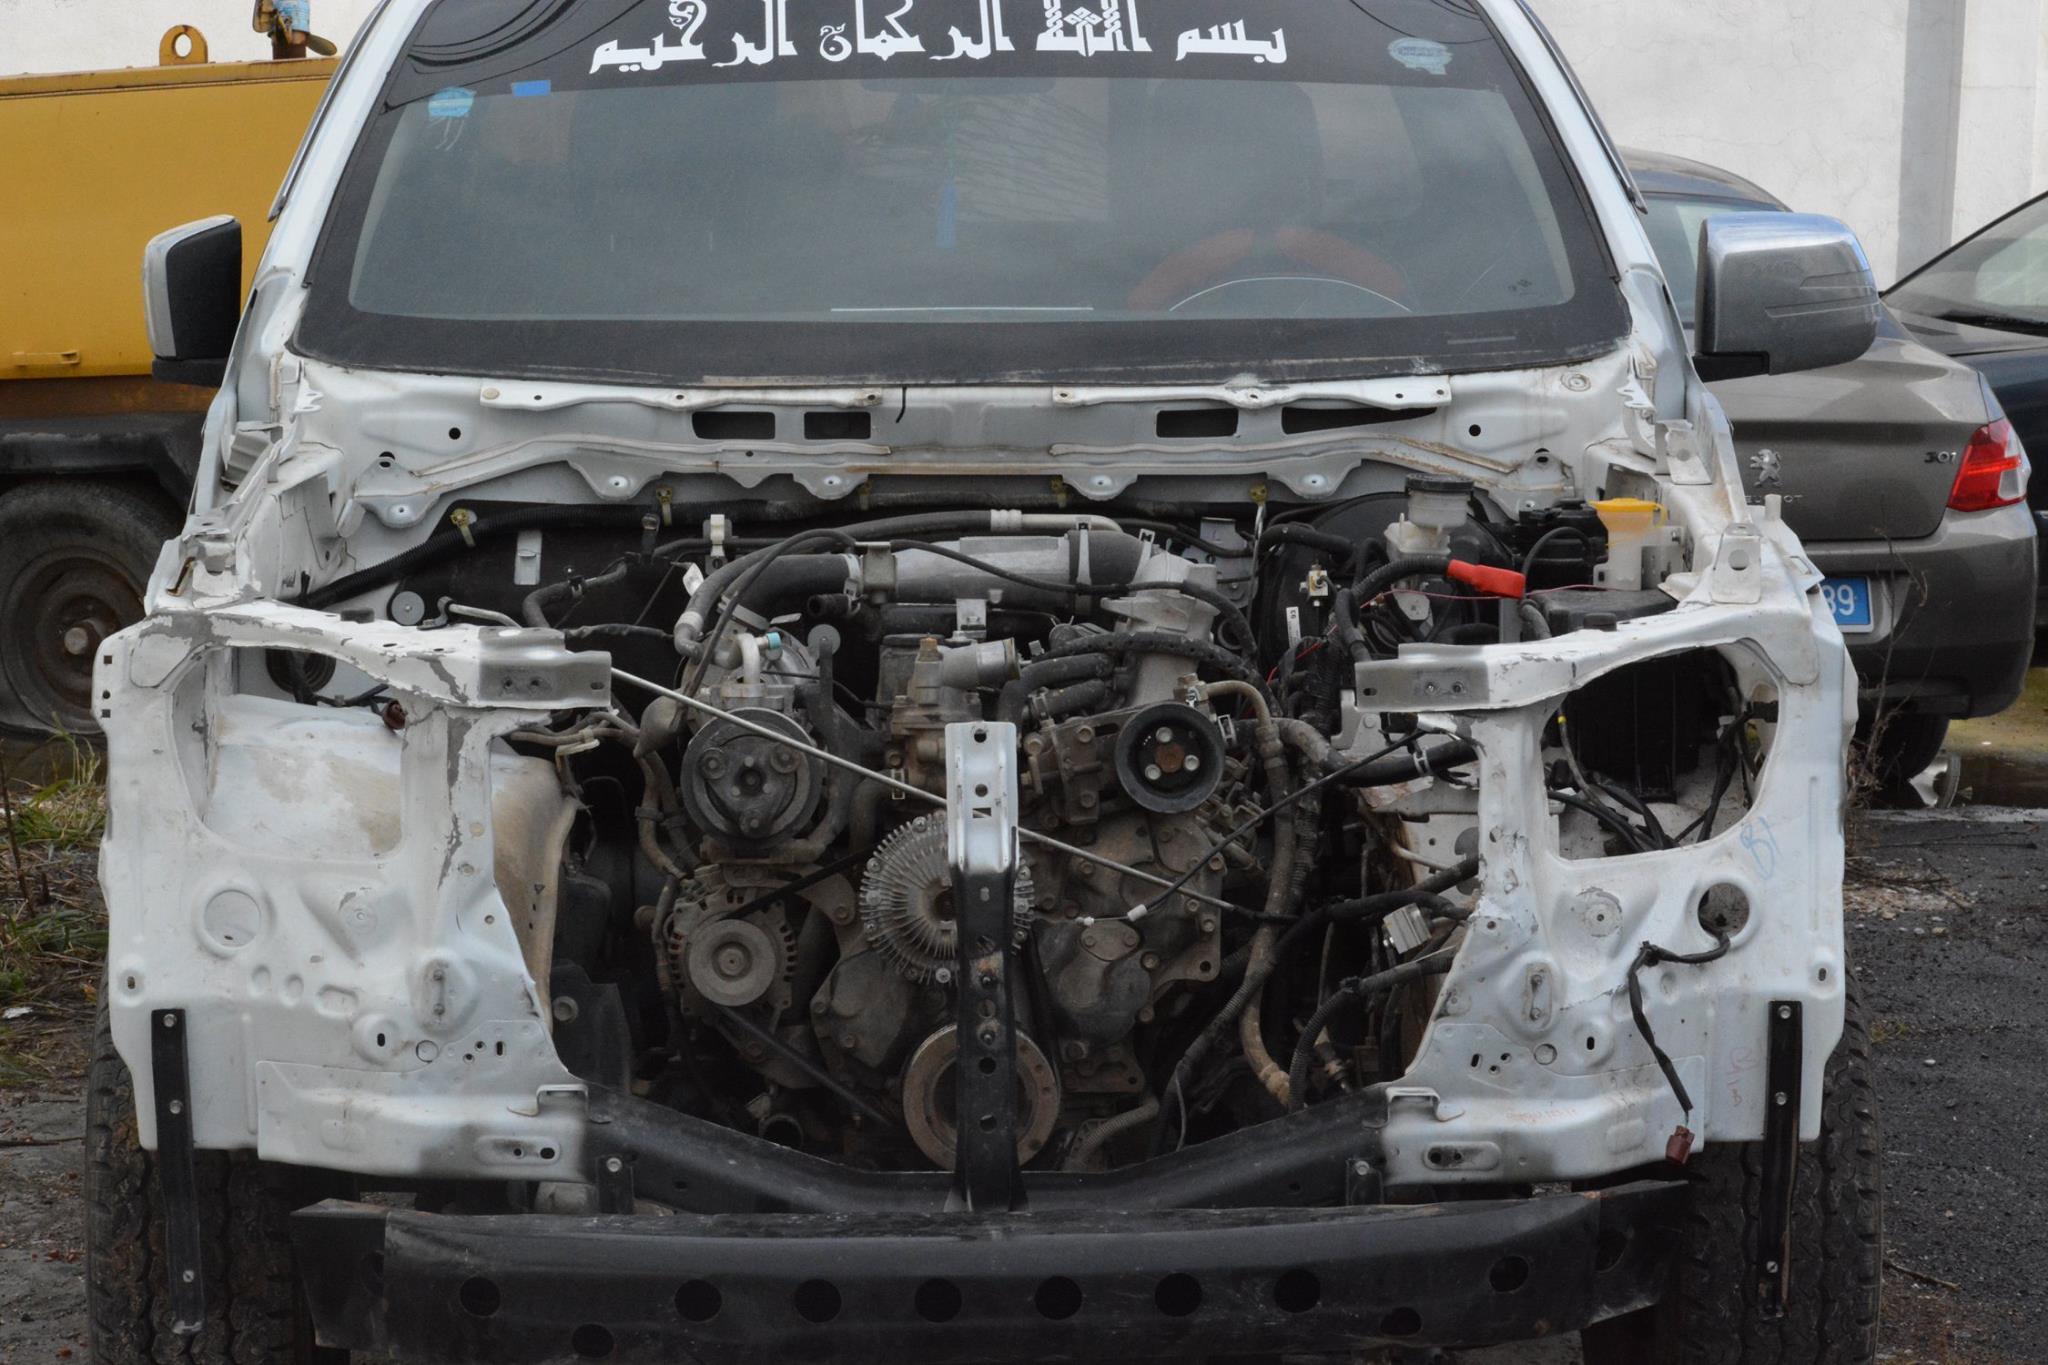 (Photos): Arrestation d'un individu ayant volé des voitures pour les revendre en pièces détachées